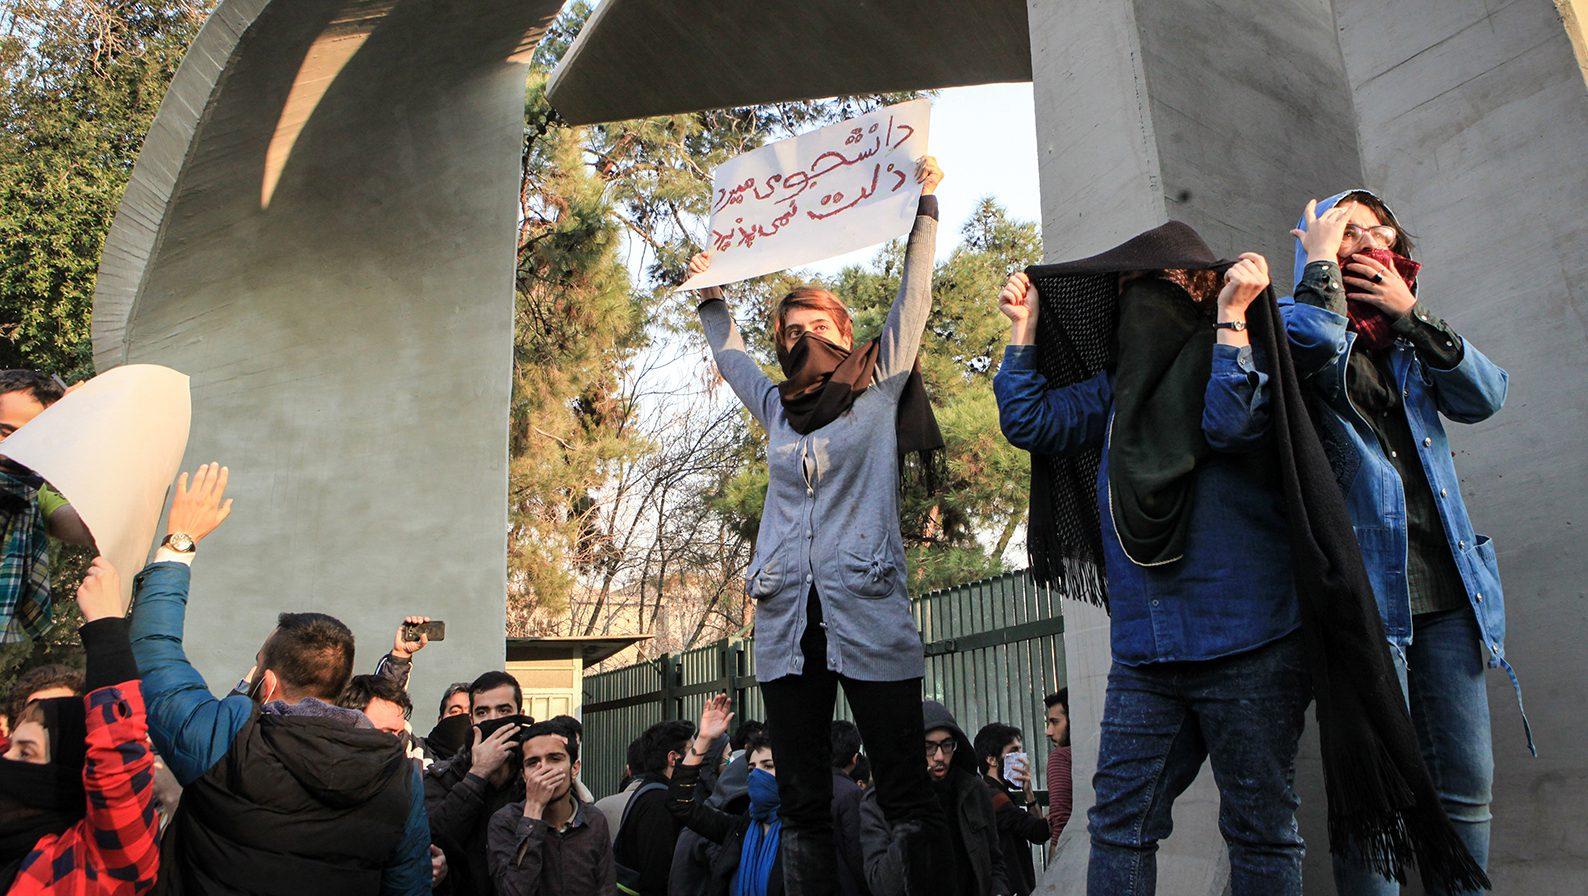 Anti-government protest in Iran